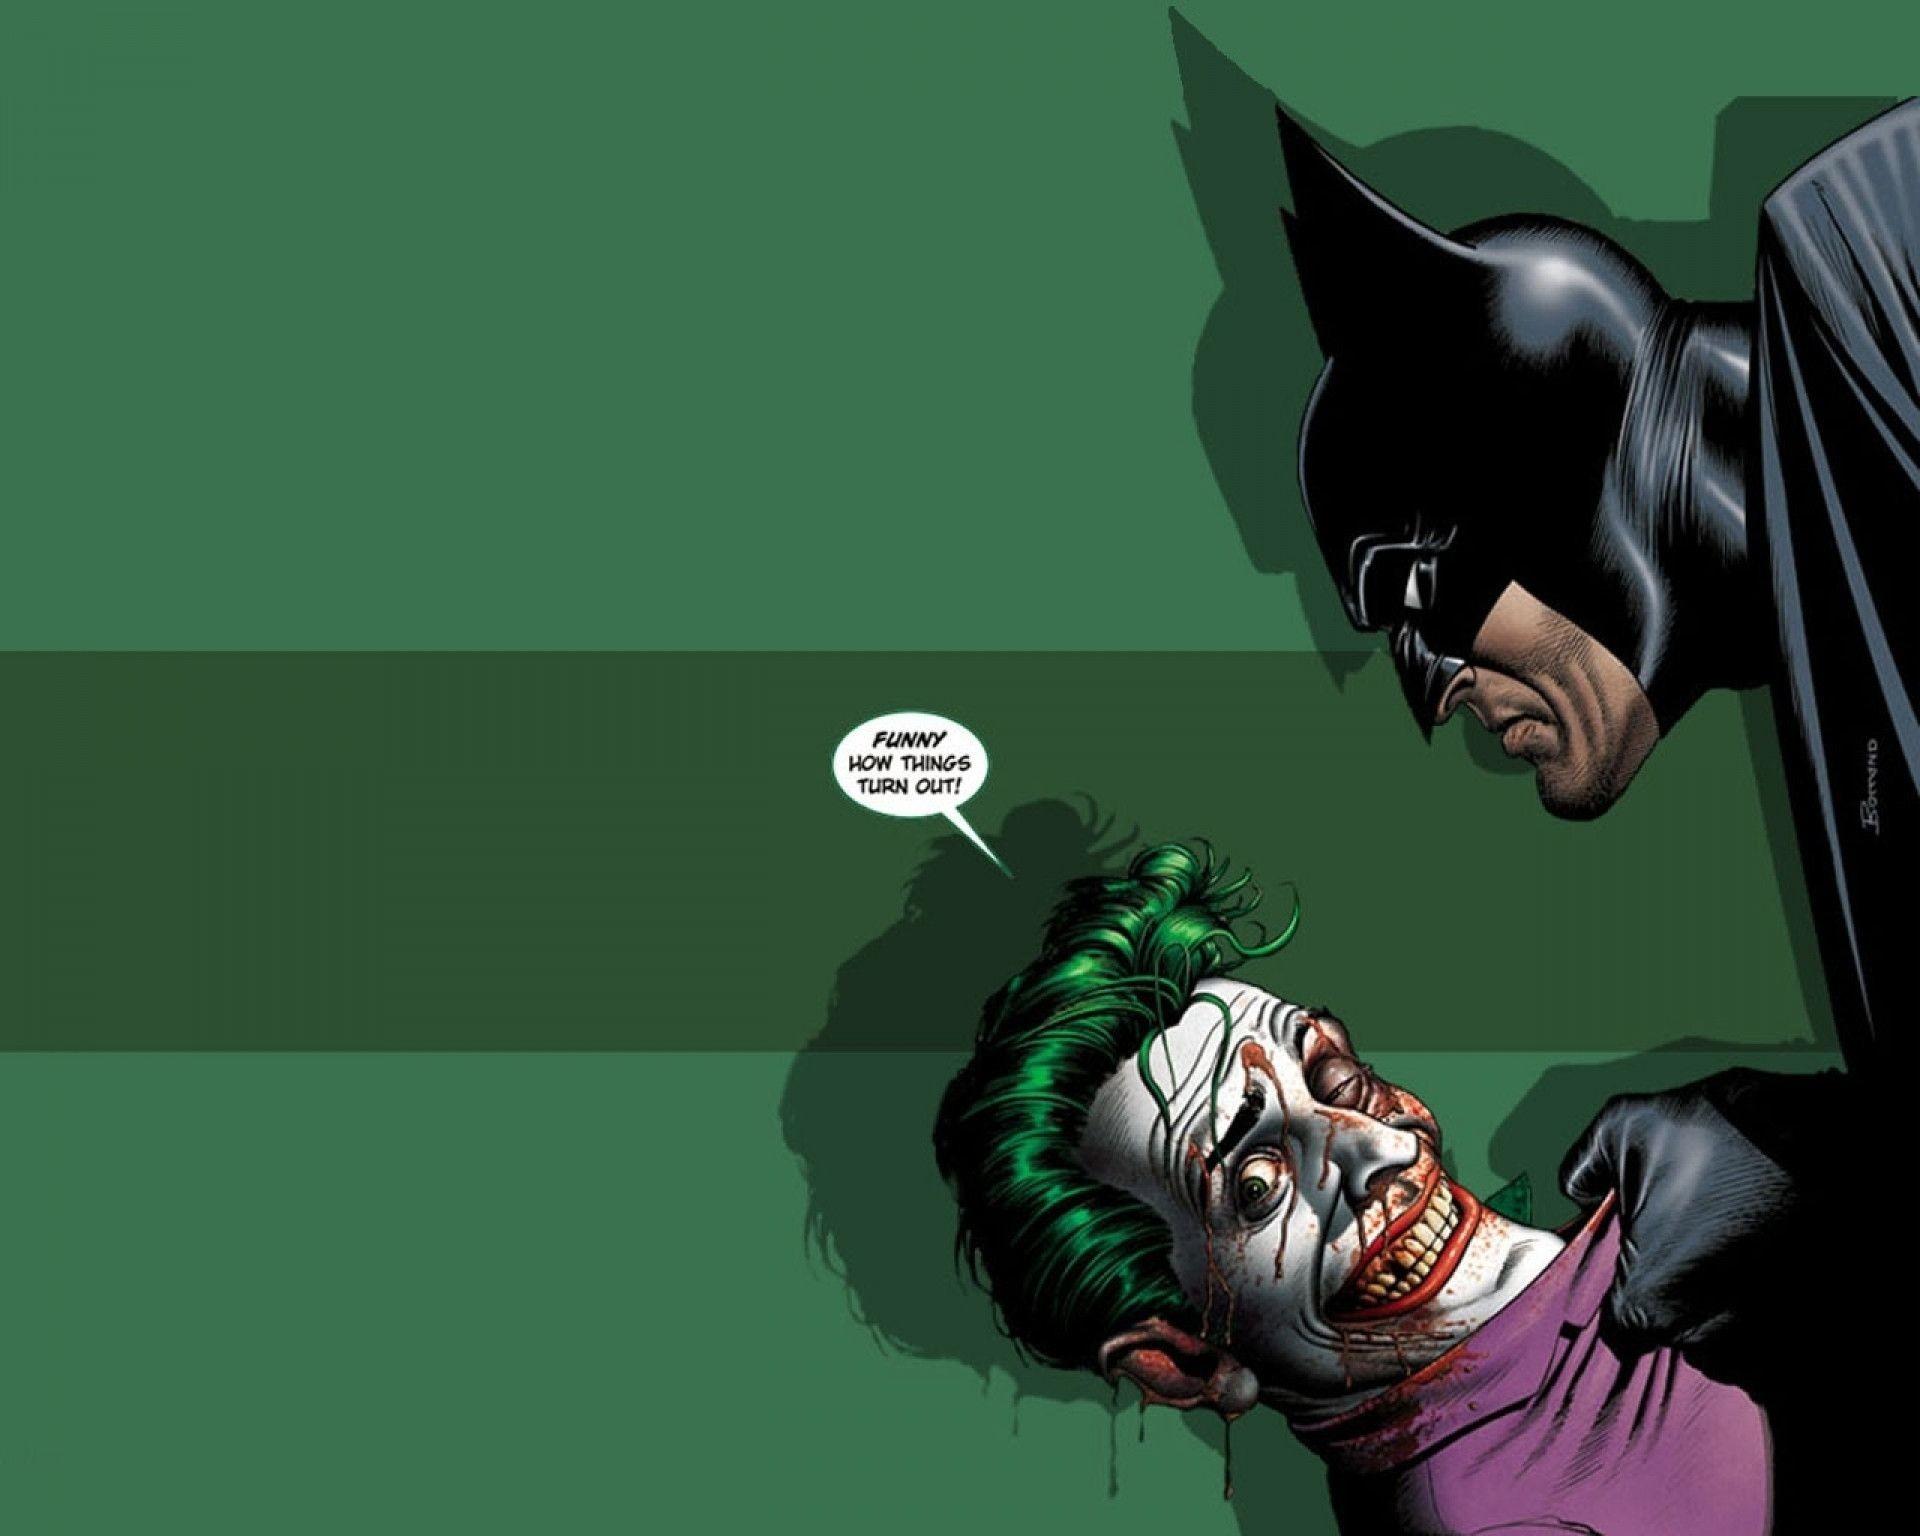 Memes For > The Joker Wallpaper Comic